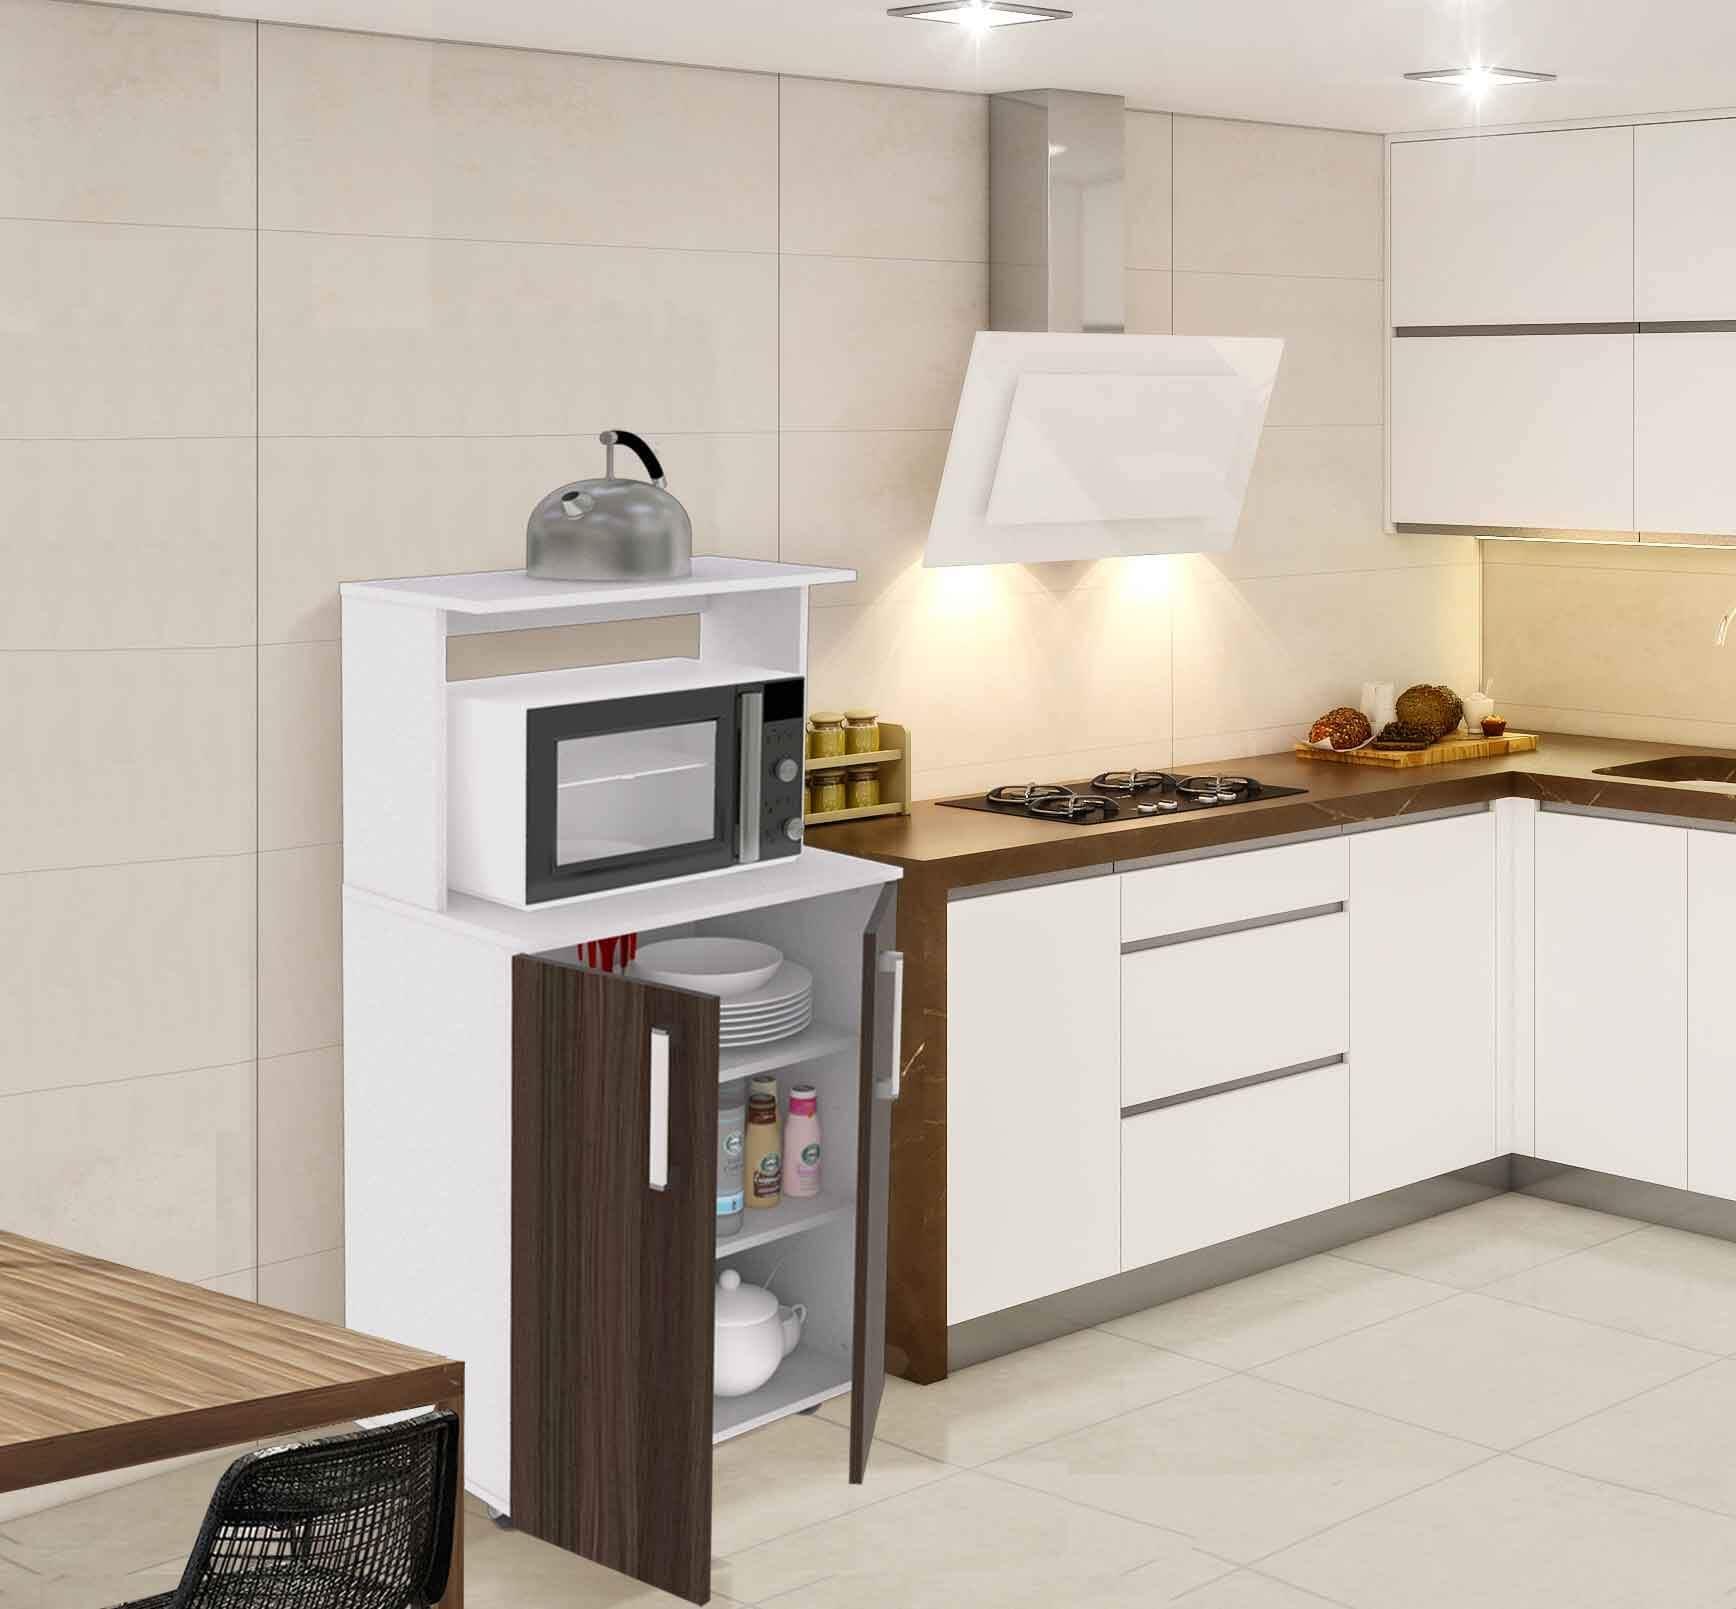 Muebles cocina auxiliares free mueble auxiliar de for Mesa auxiliar para cocina